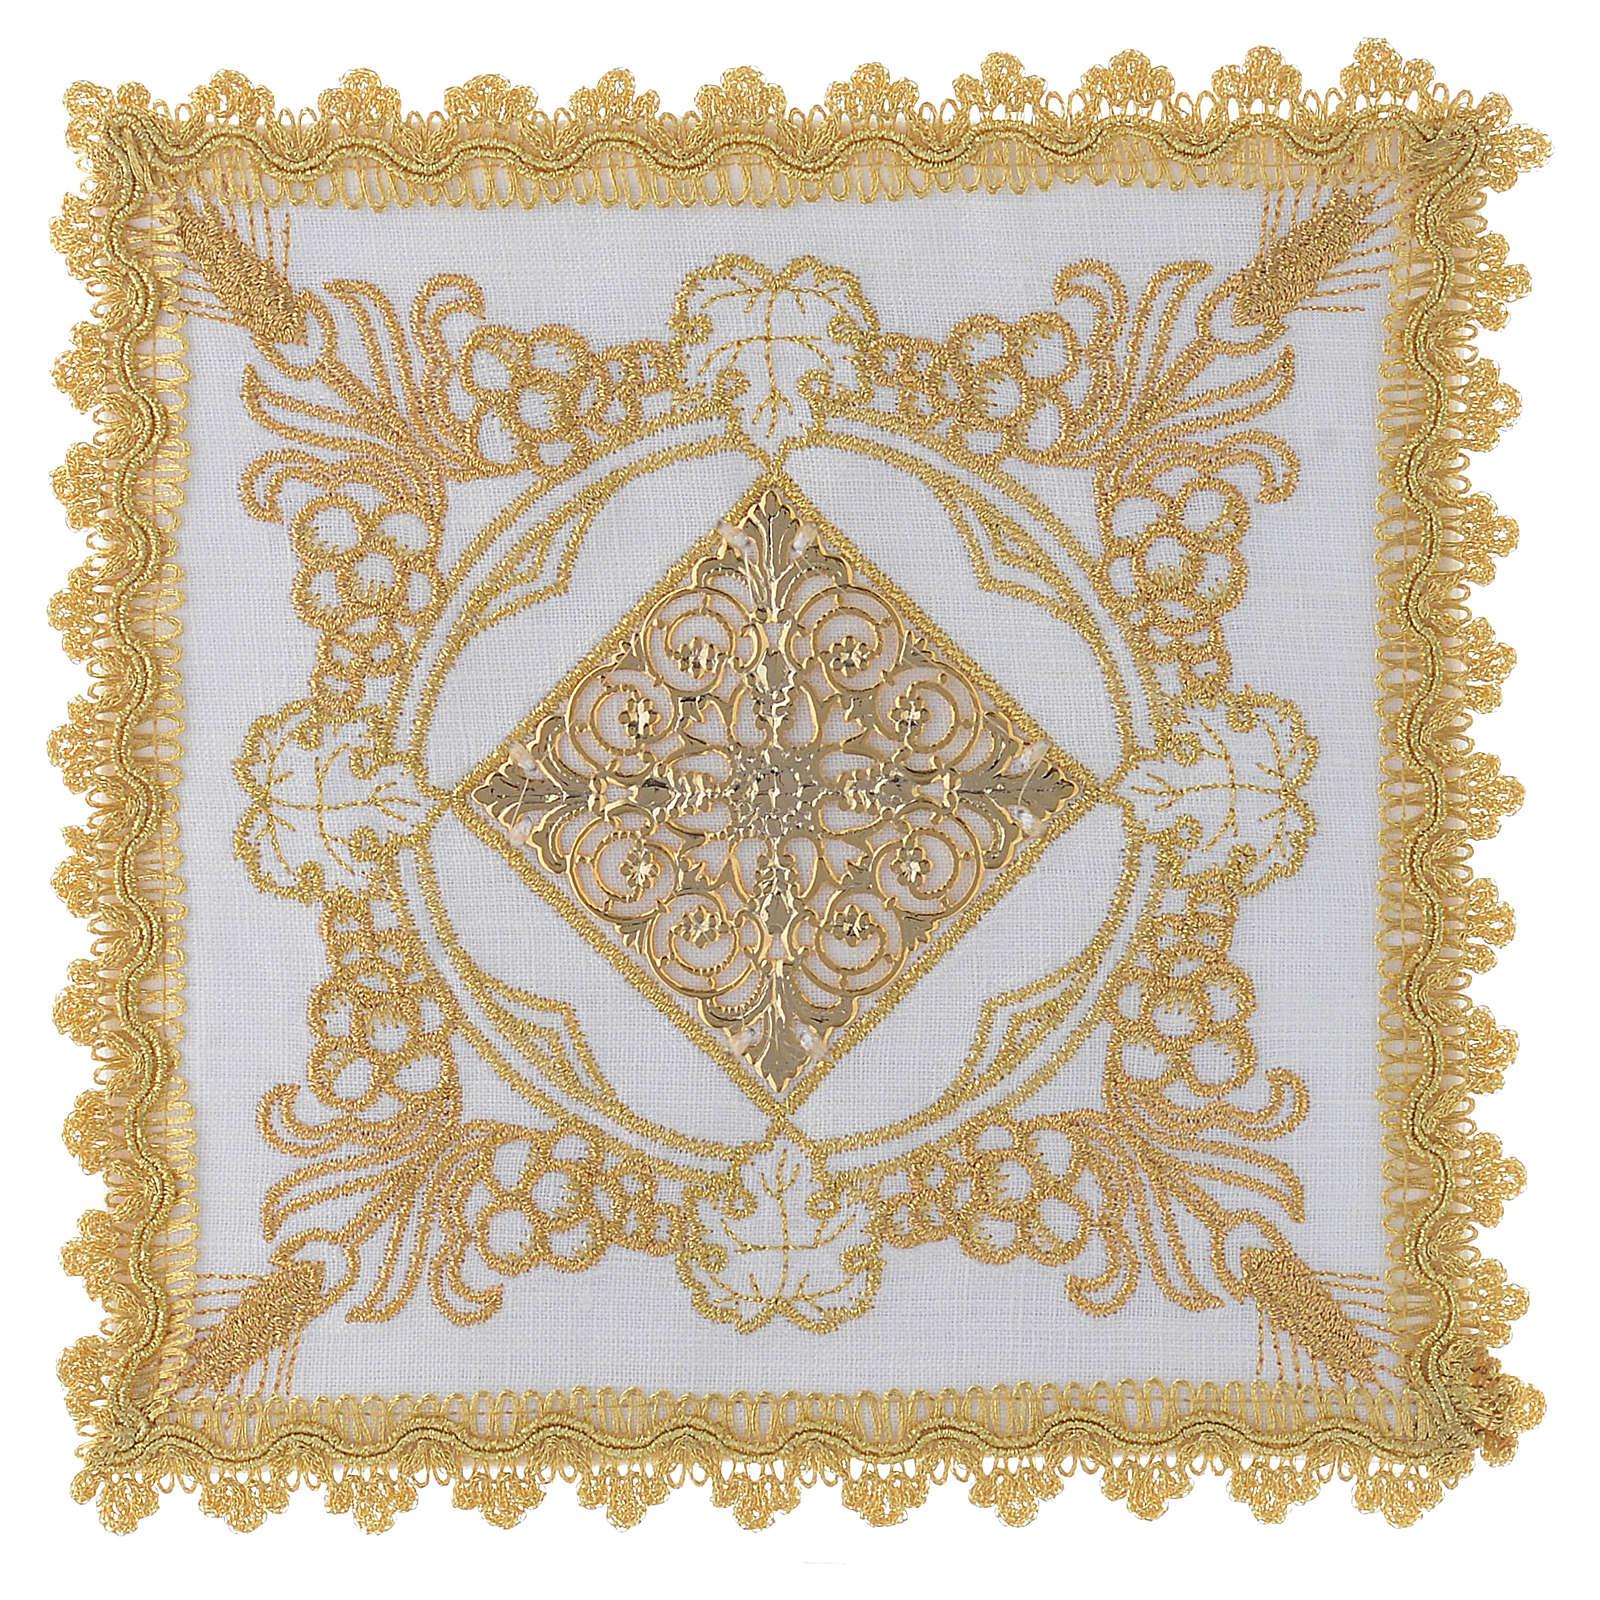 Servicio de misa con motivos de oro hilo 4